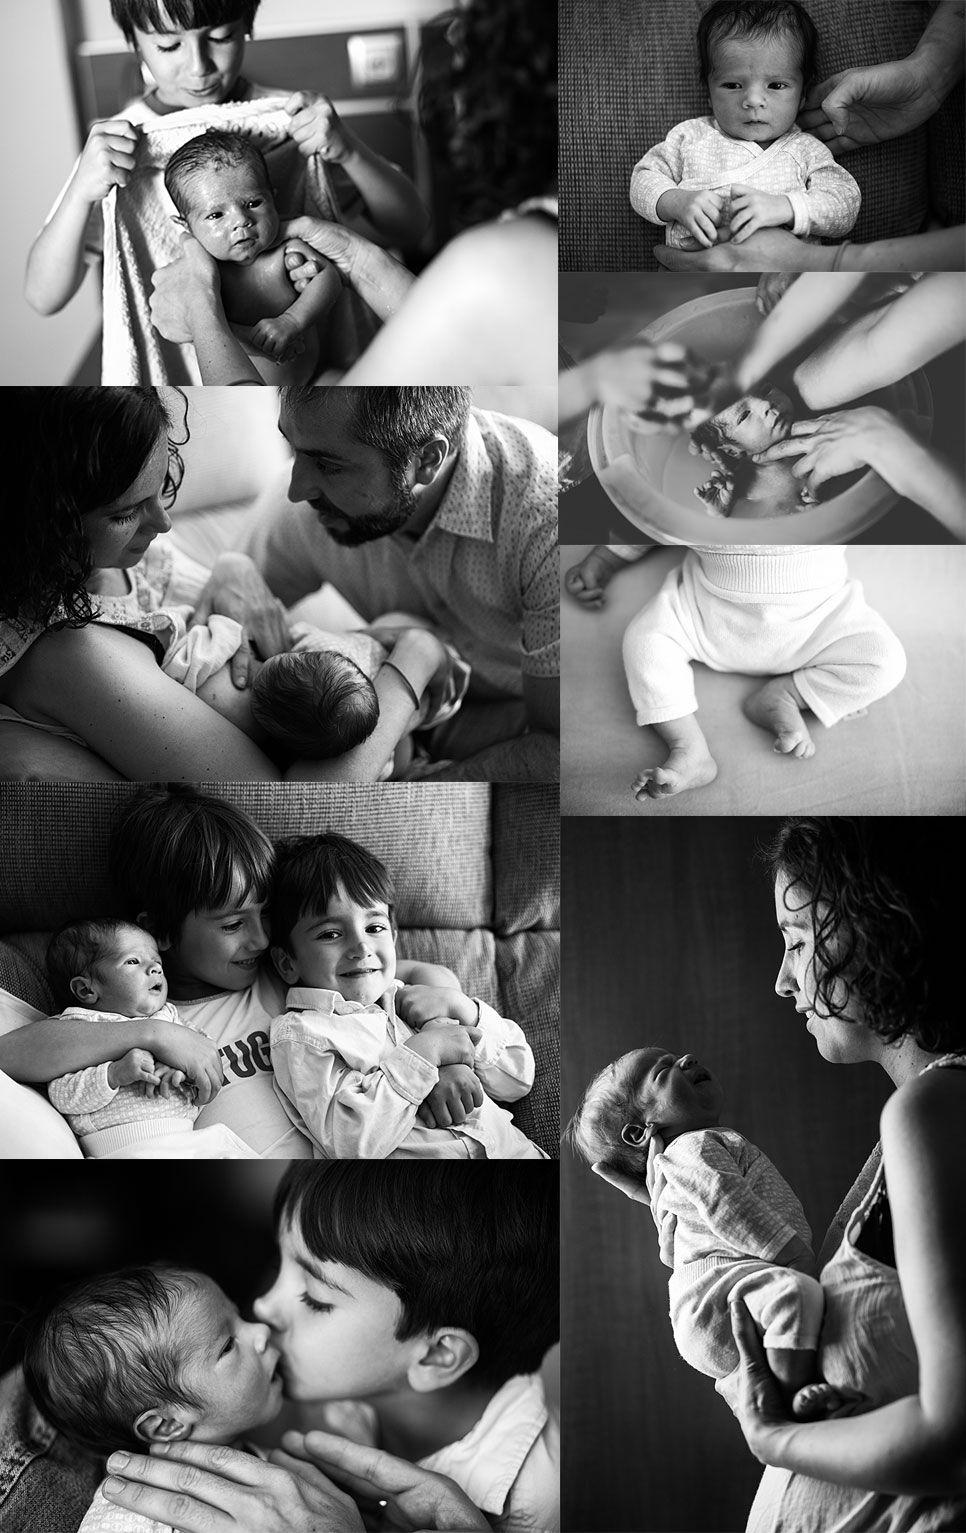 Sesiones fotográficas de recién nacido en casa